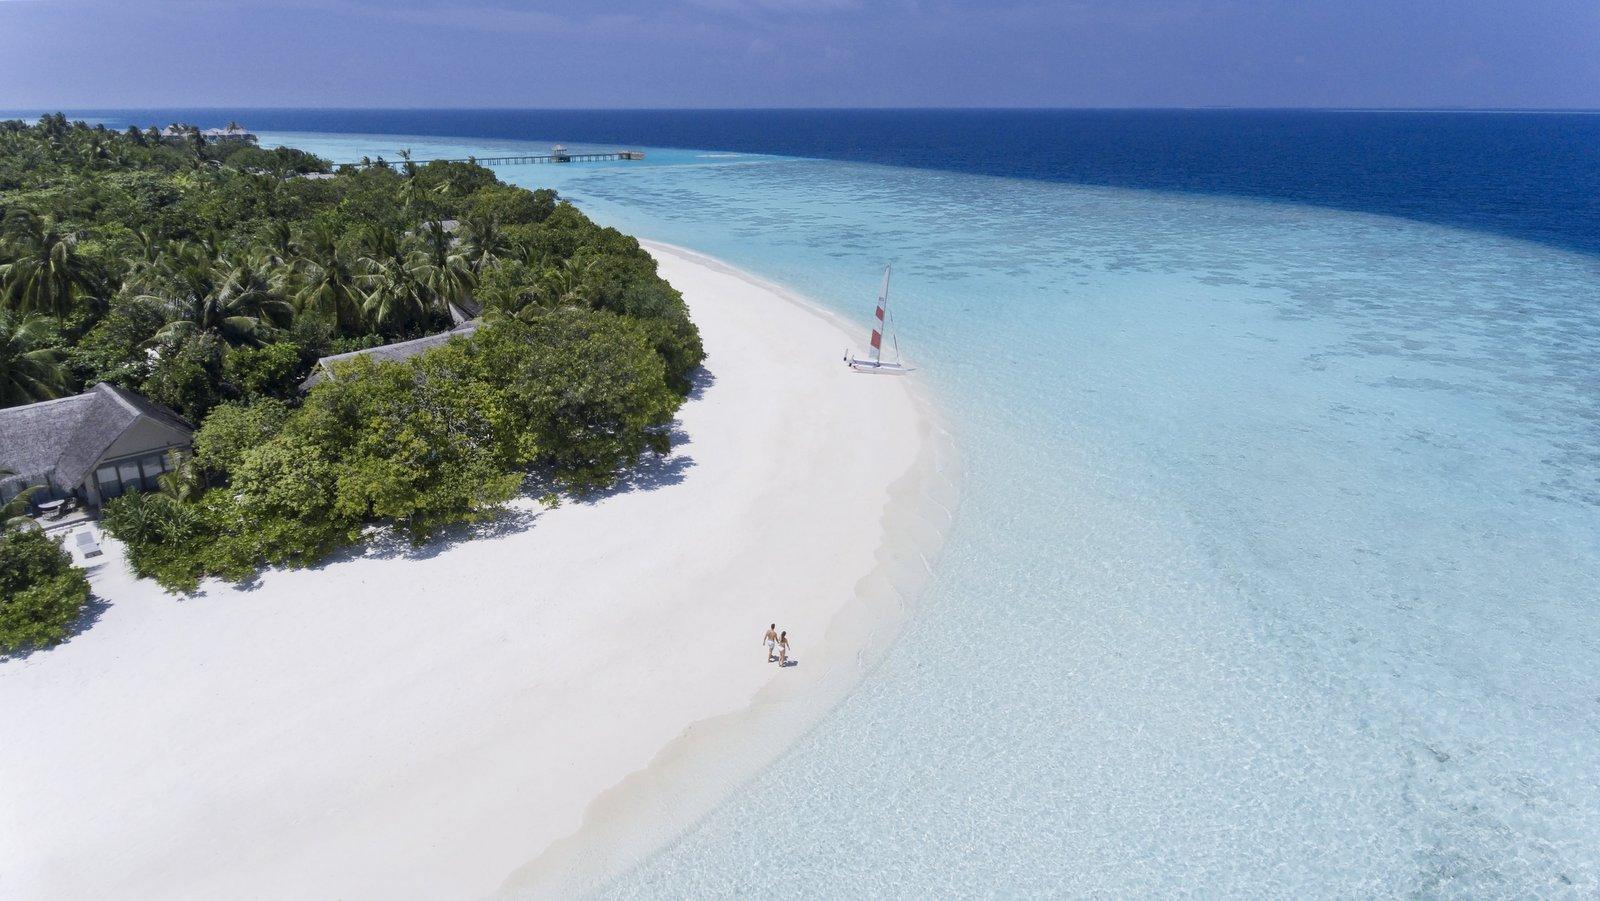 Мальдивы, отель Vakkaru Maldives, пляж